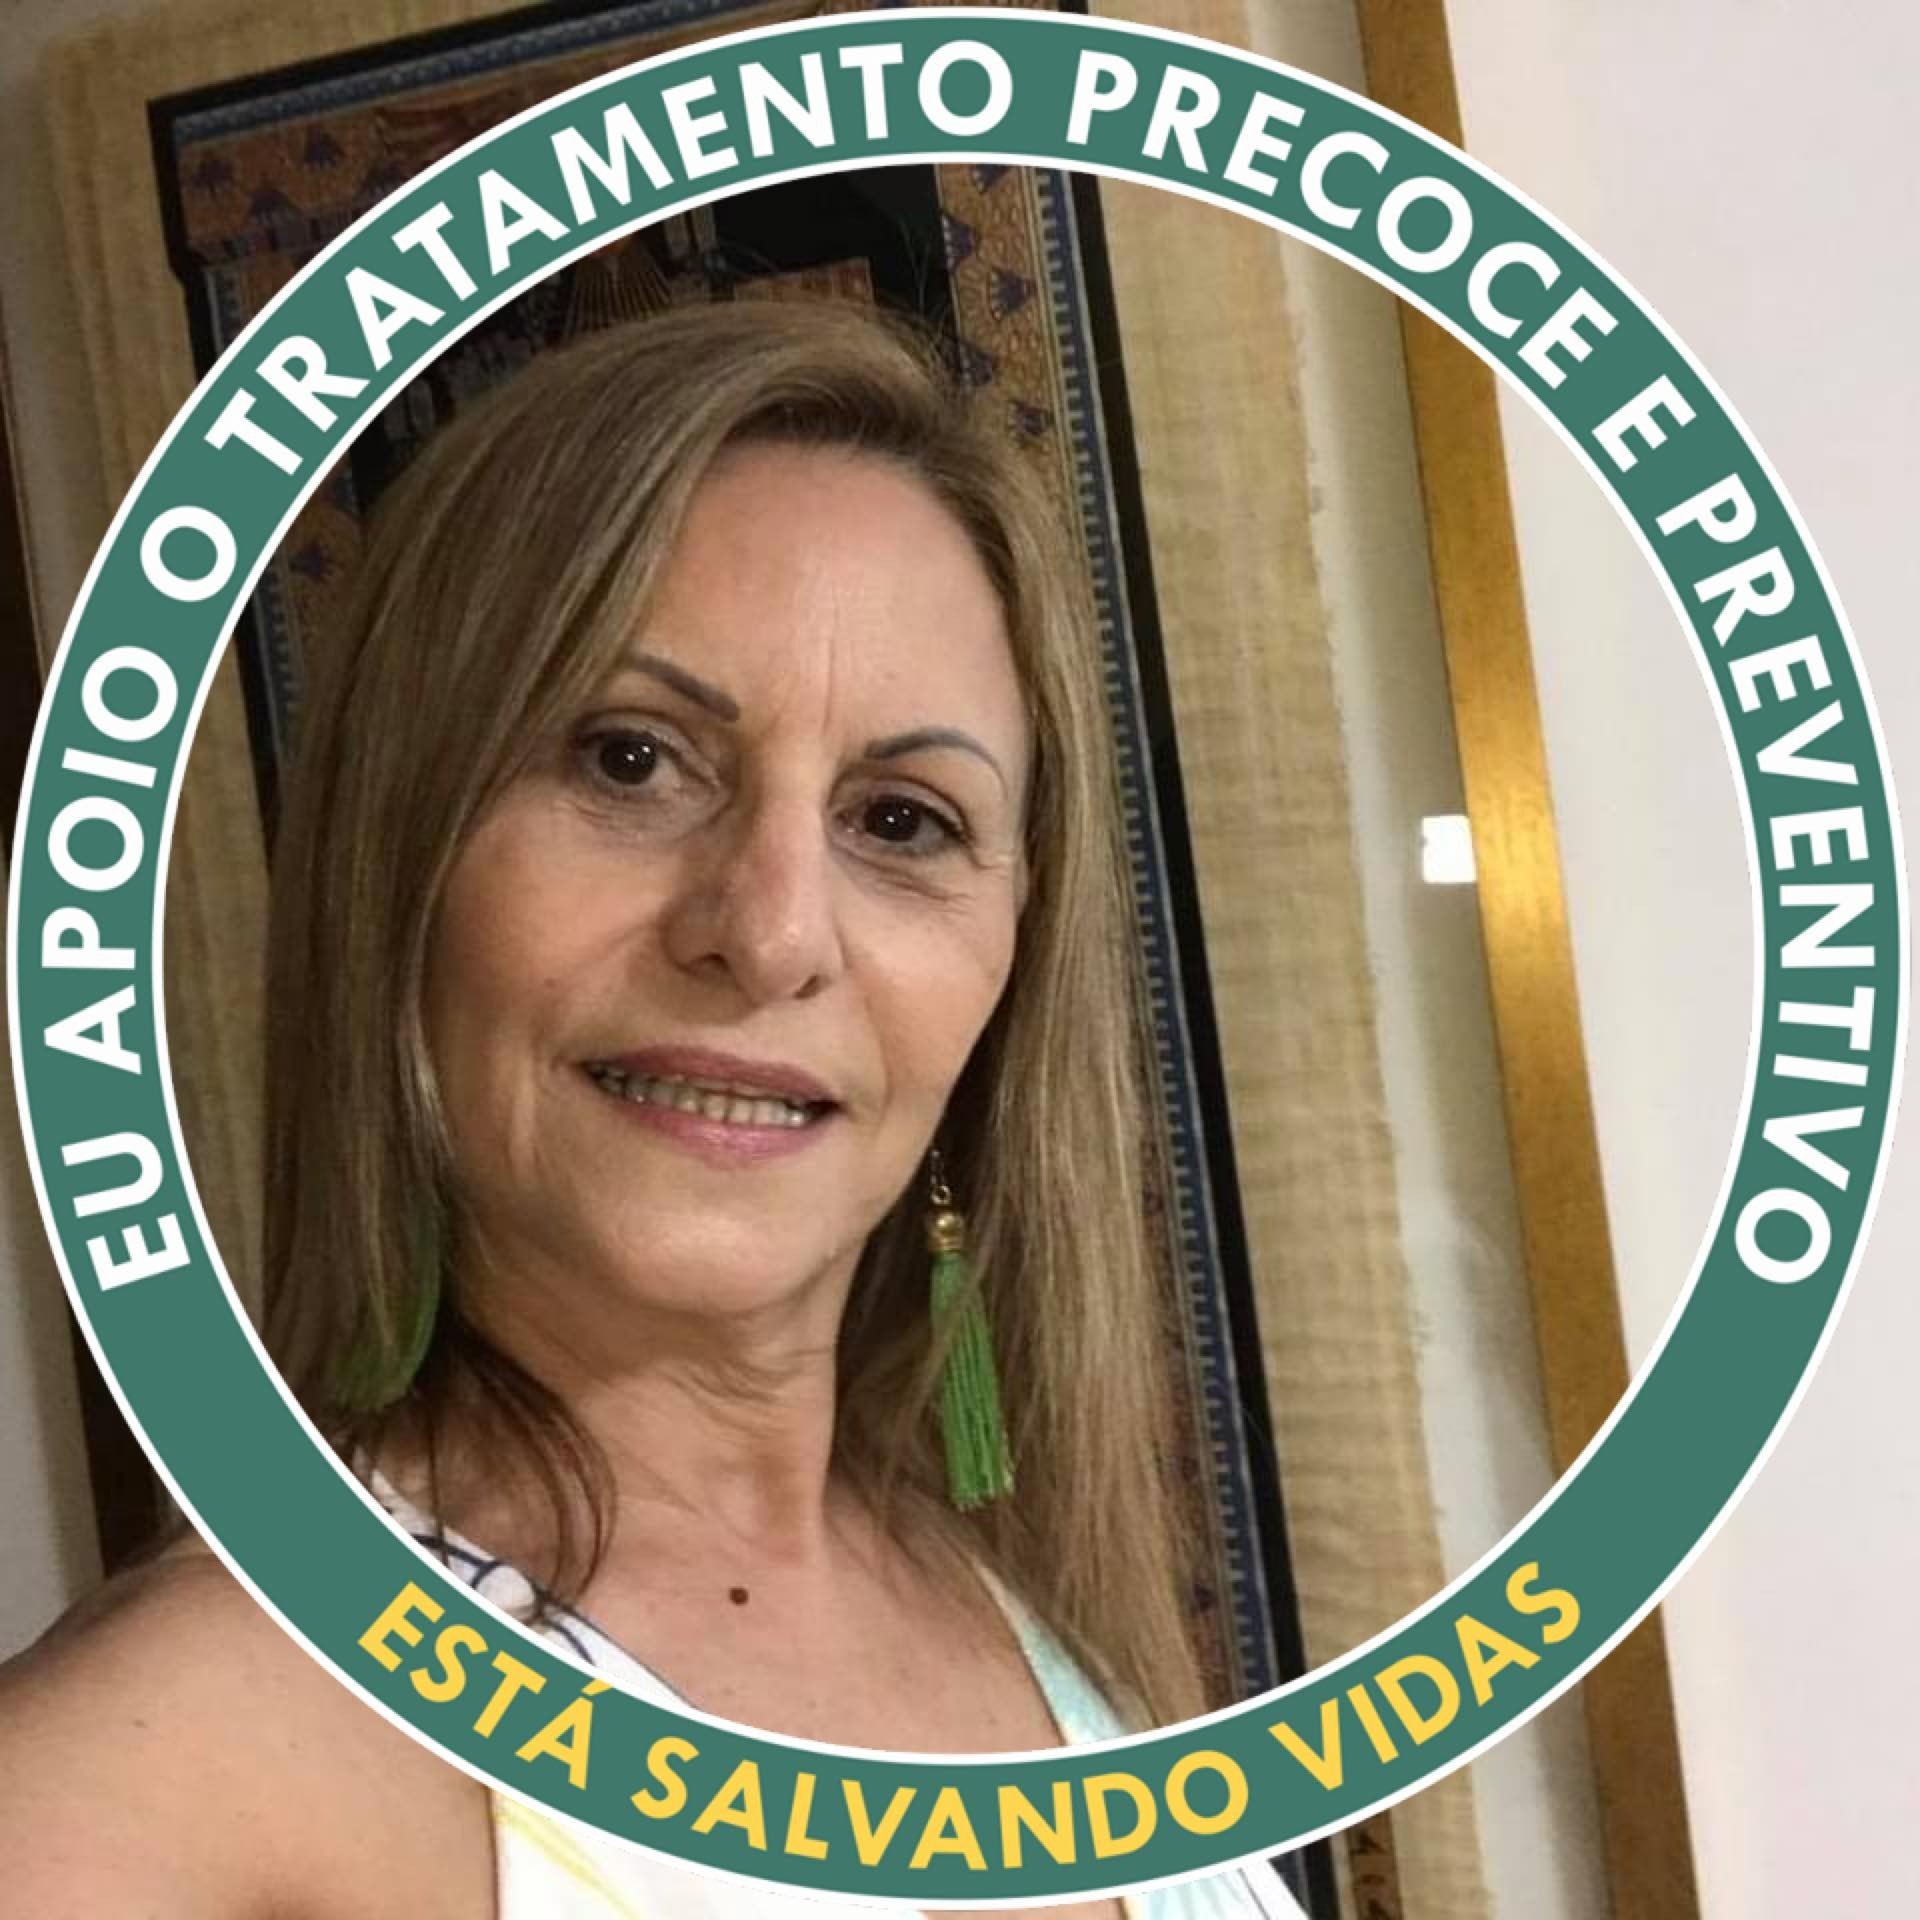 Queiroga volta atrás e revoga nomeação de médica favorável à cloroquina para direção do Hospital Federal de Ipanema